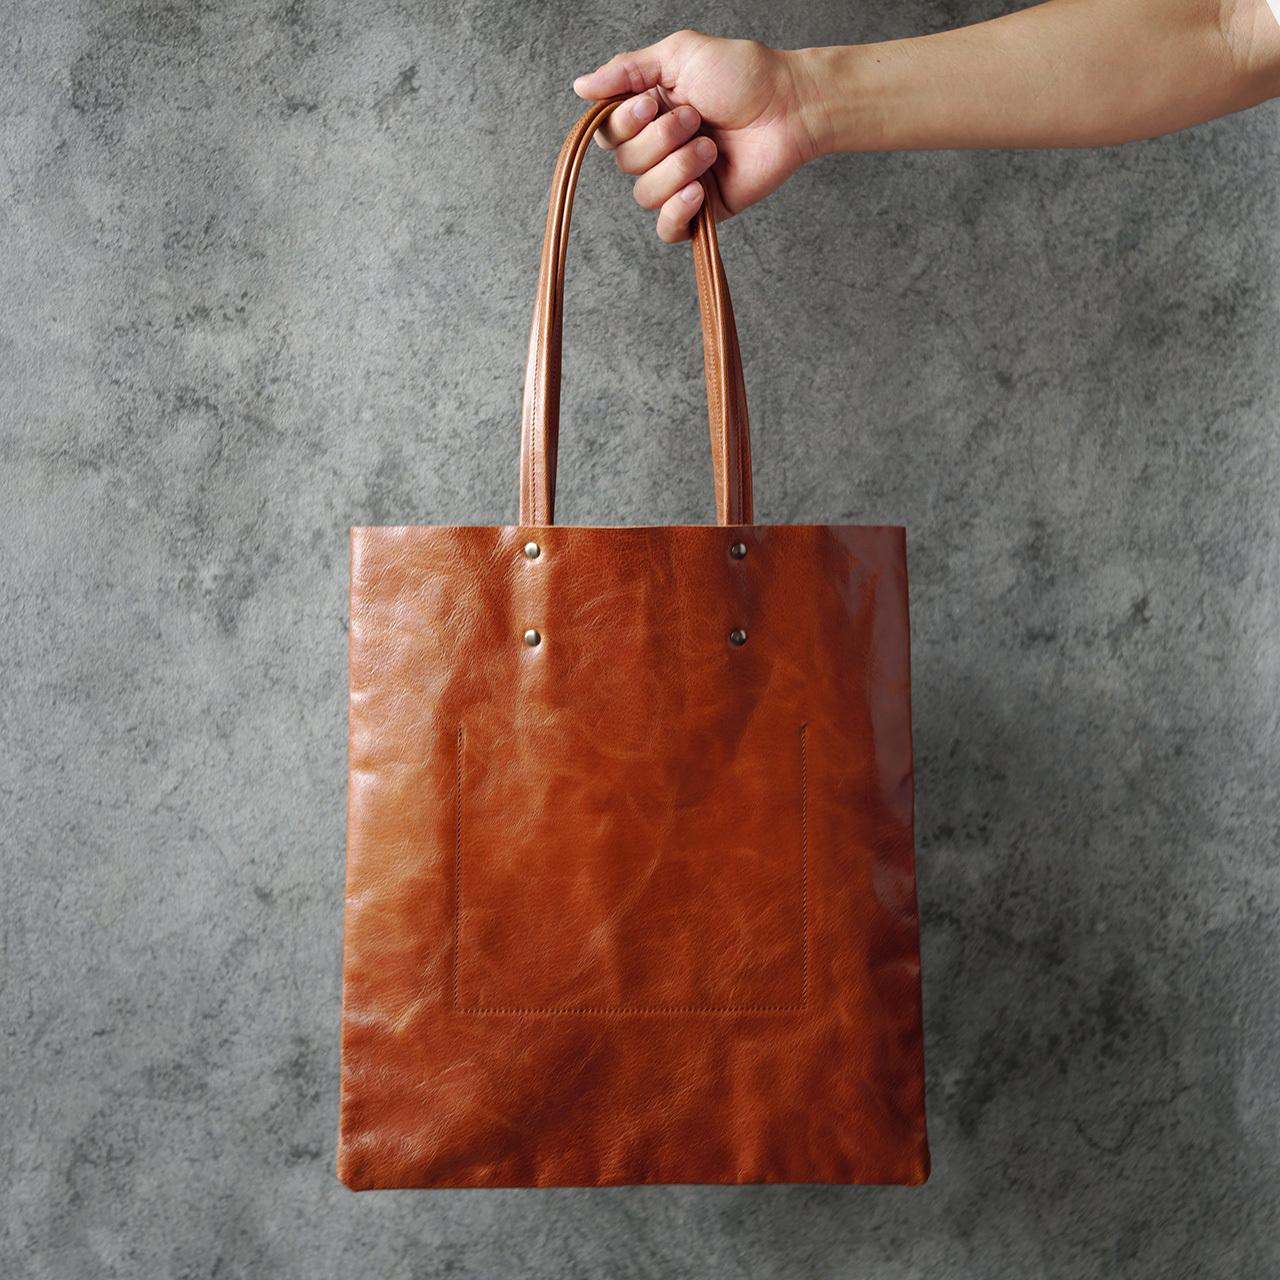 安定感のあるブラウン。洋服に合わせやすい山羊革のトートバッグです。